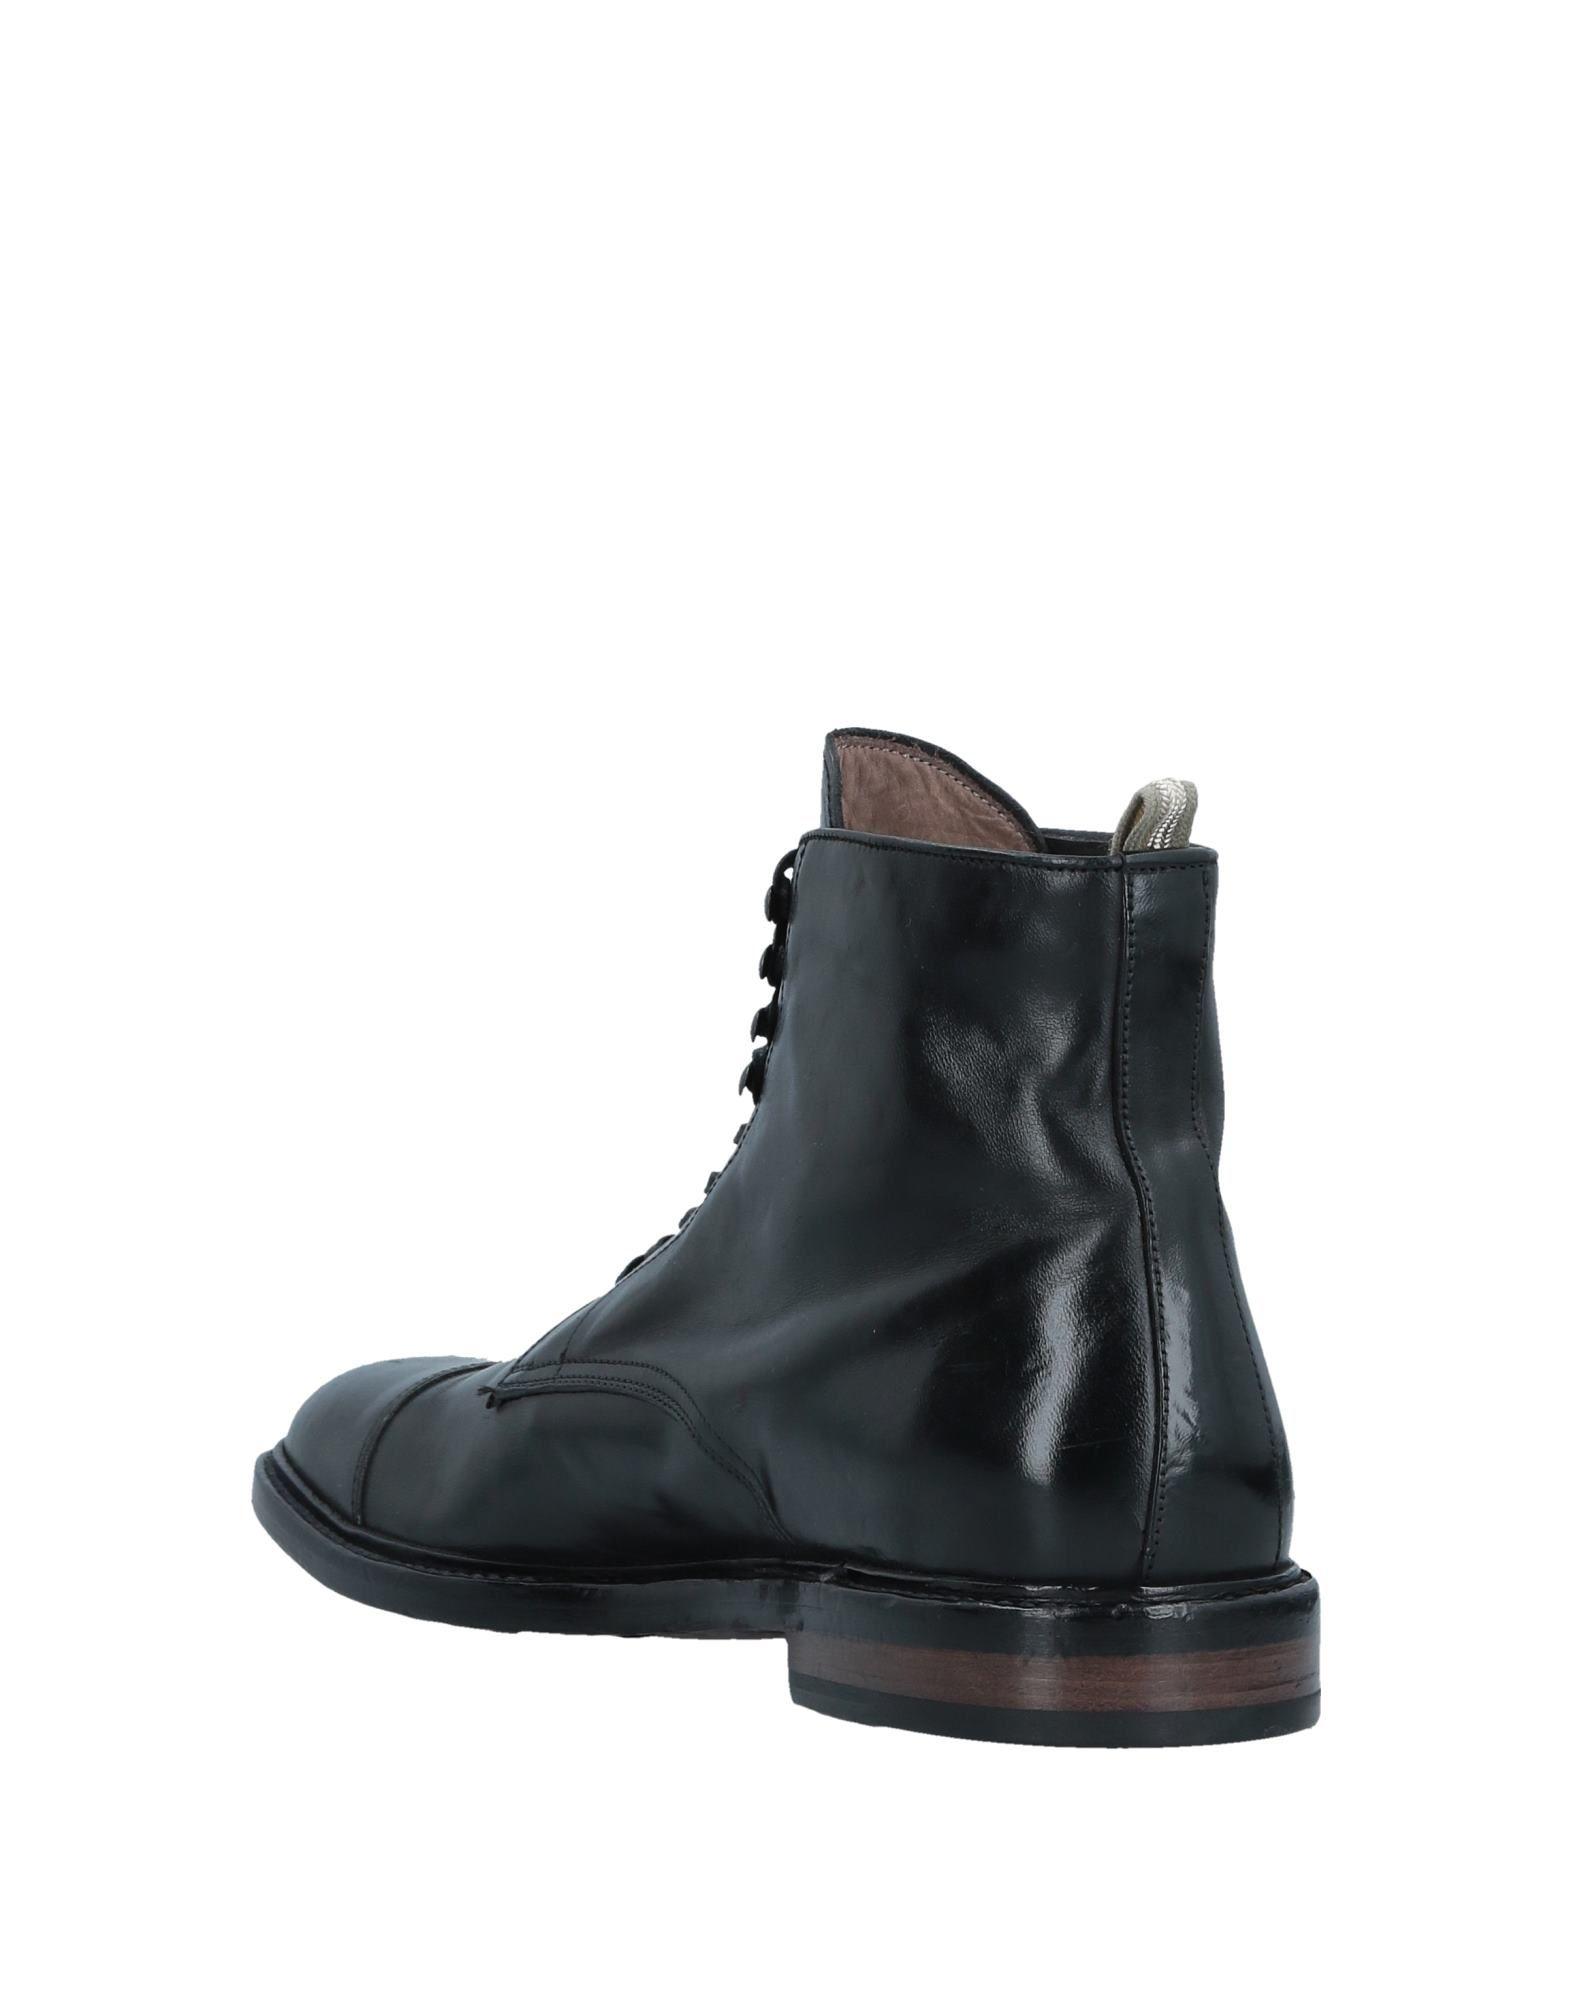 Officine Creative Italia Stiefelette Herren  11513247RW Gute Qualität beliebte Schuhe